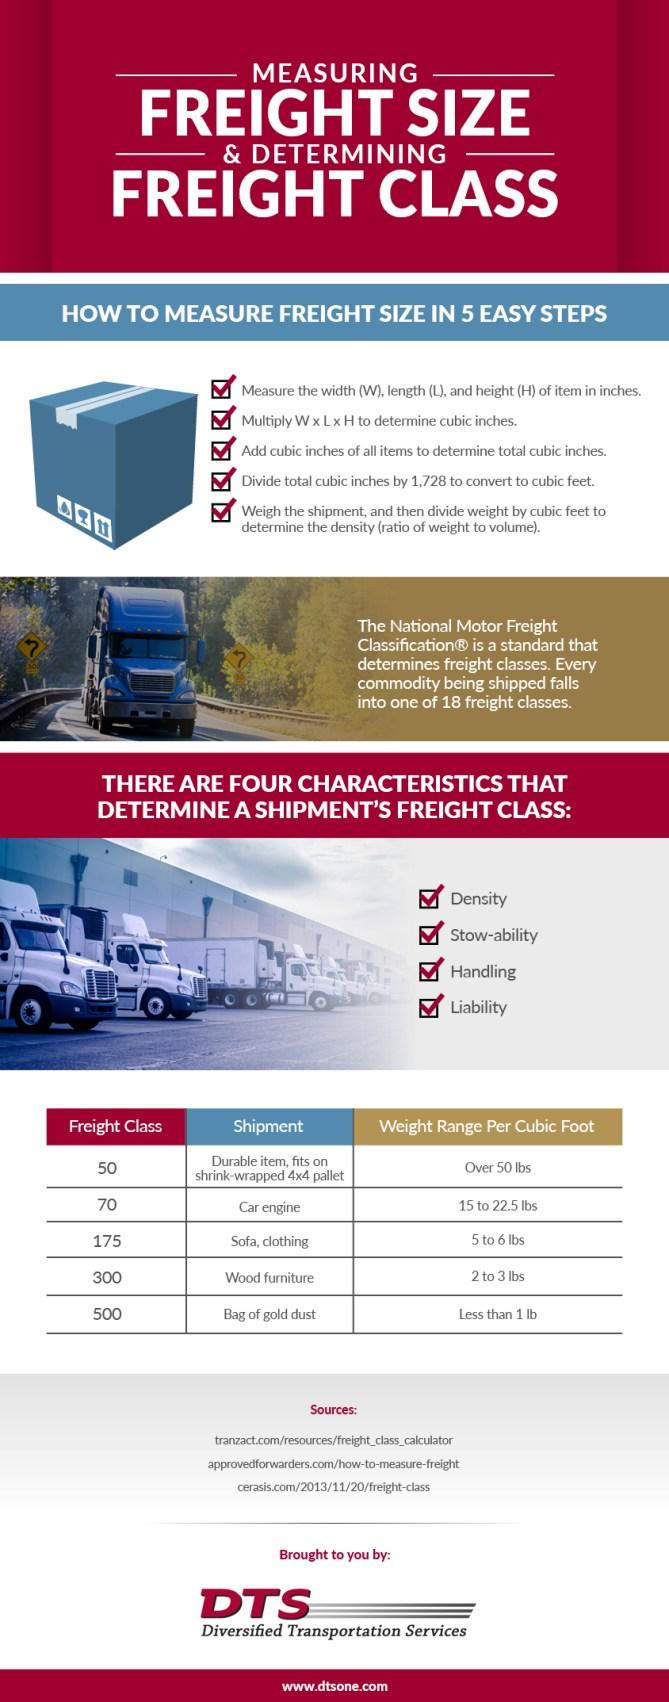 measuring freight size & determinign freight class